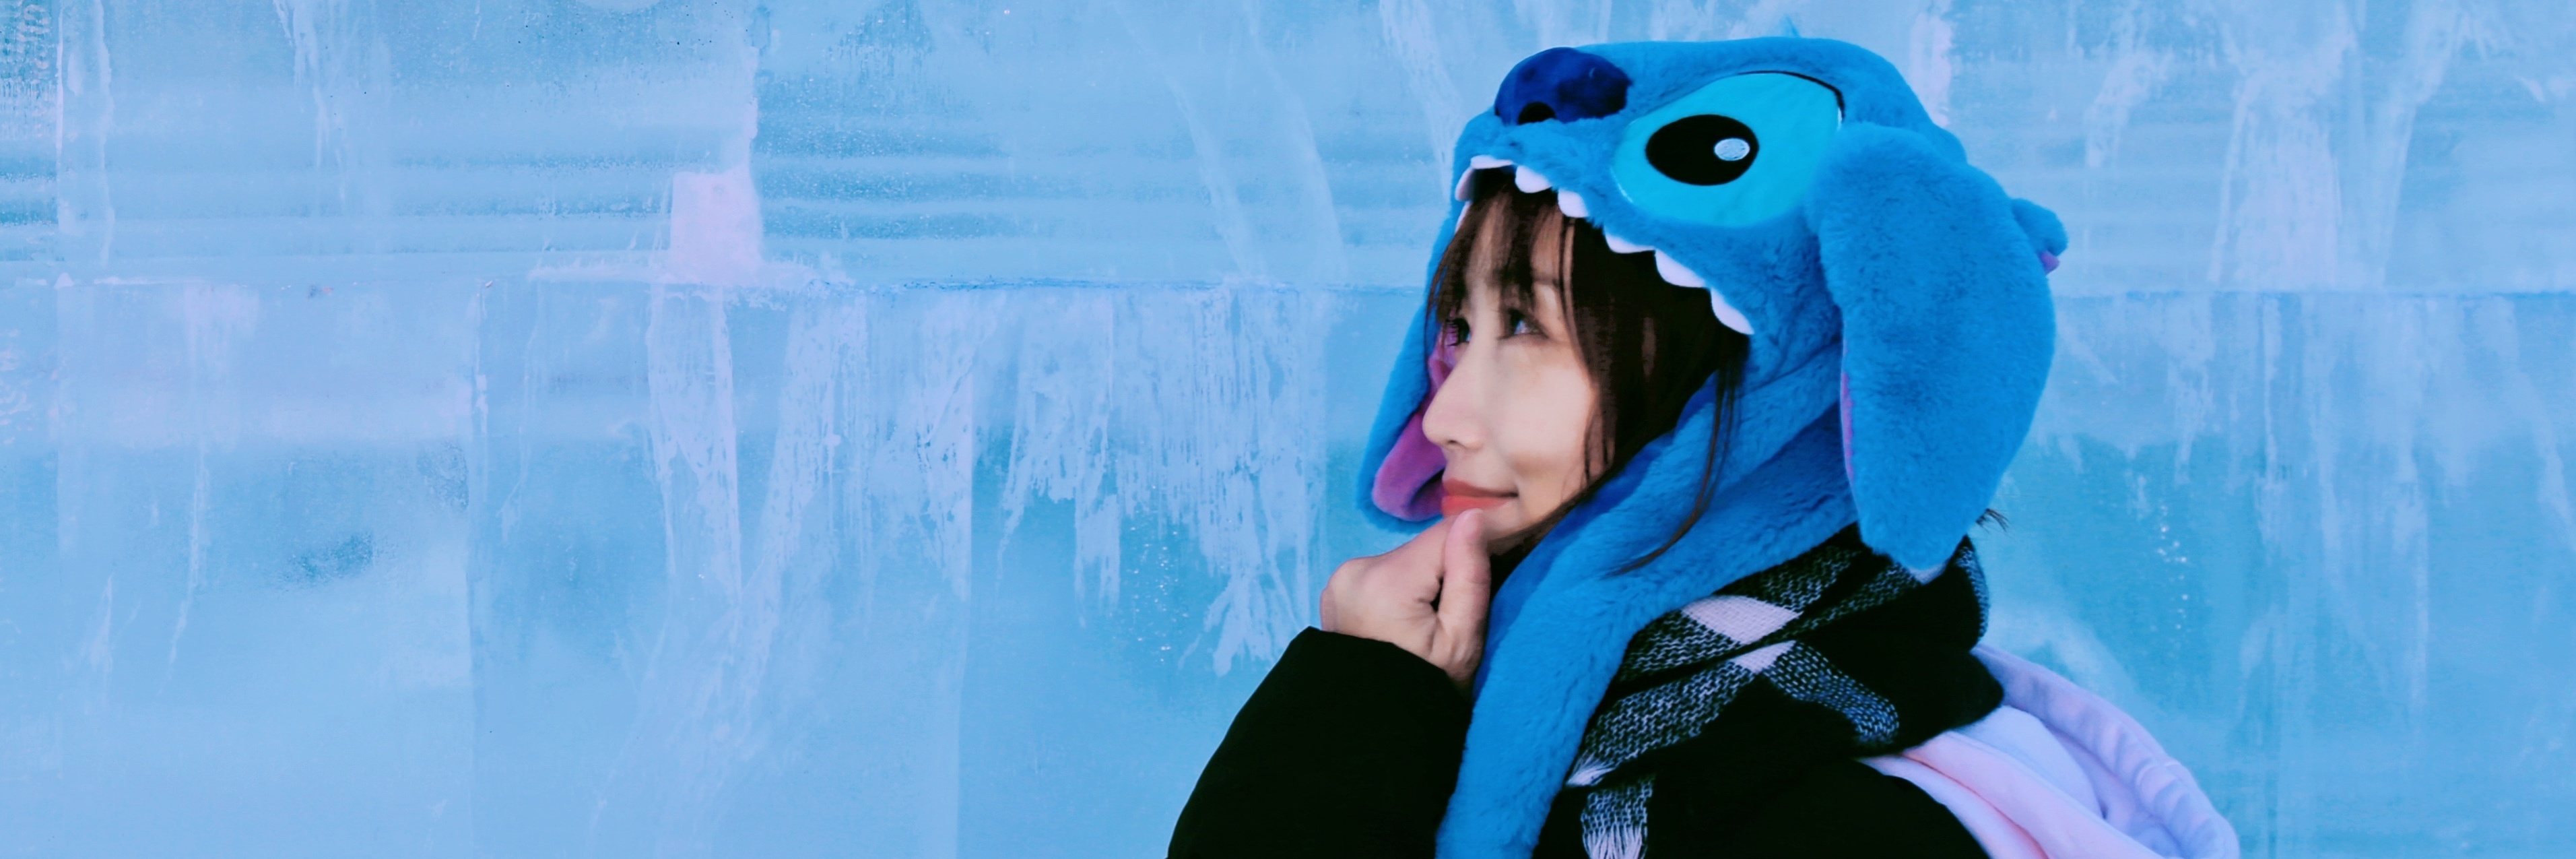 【北京旅游攻略】2021的第一天,在这感受-30°C冰火盛宴